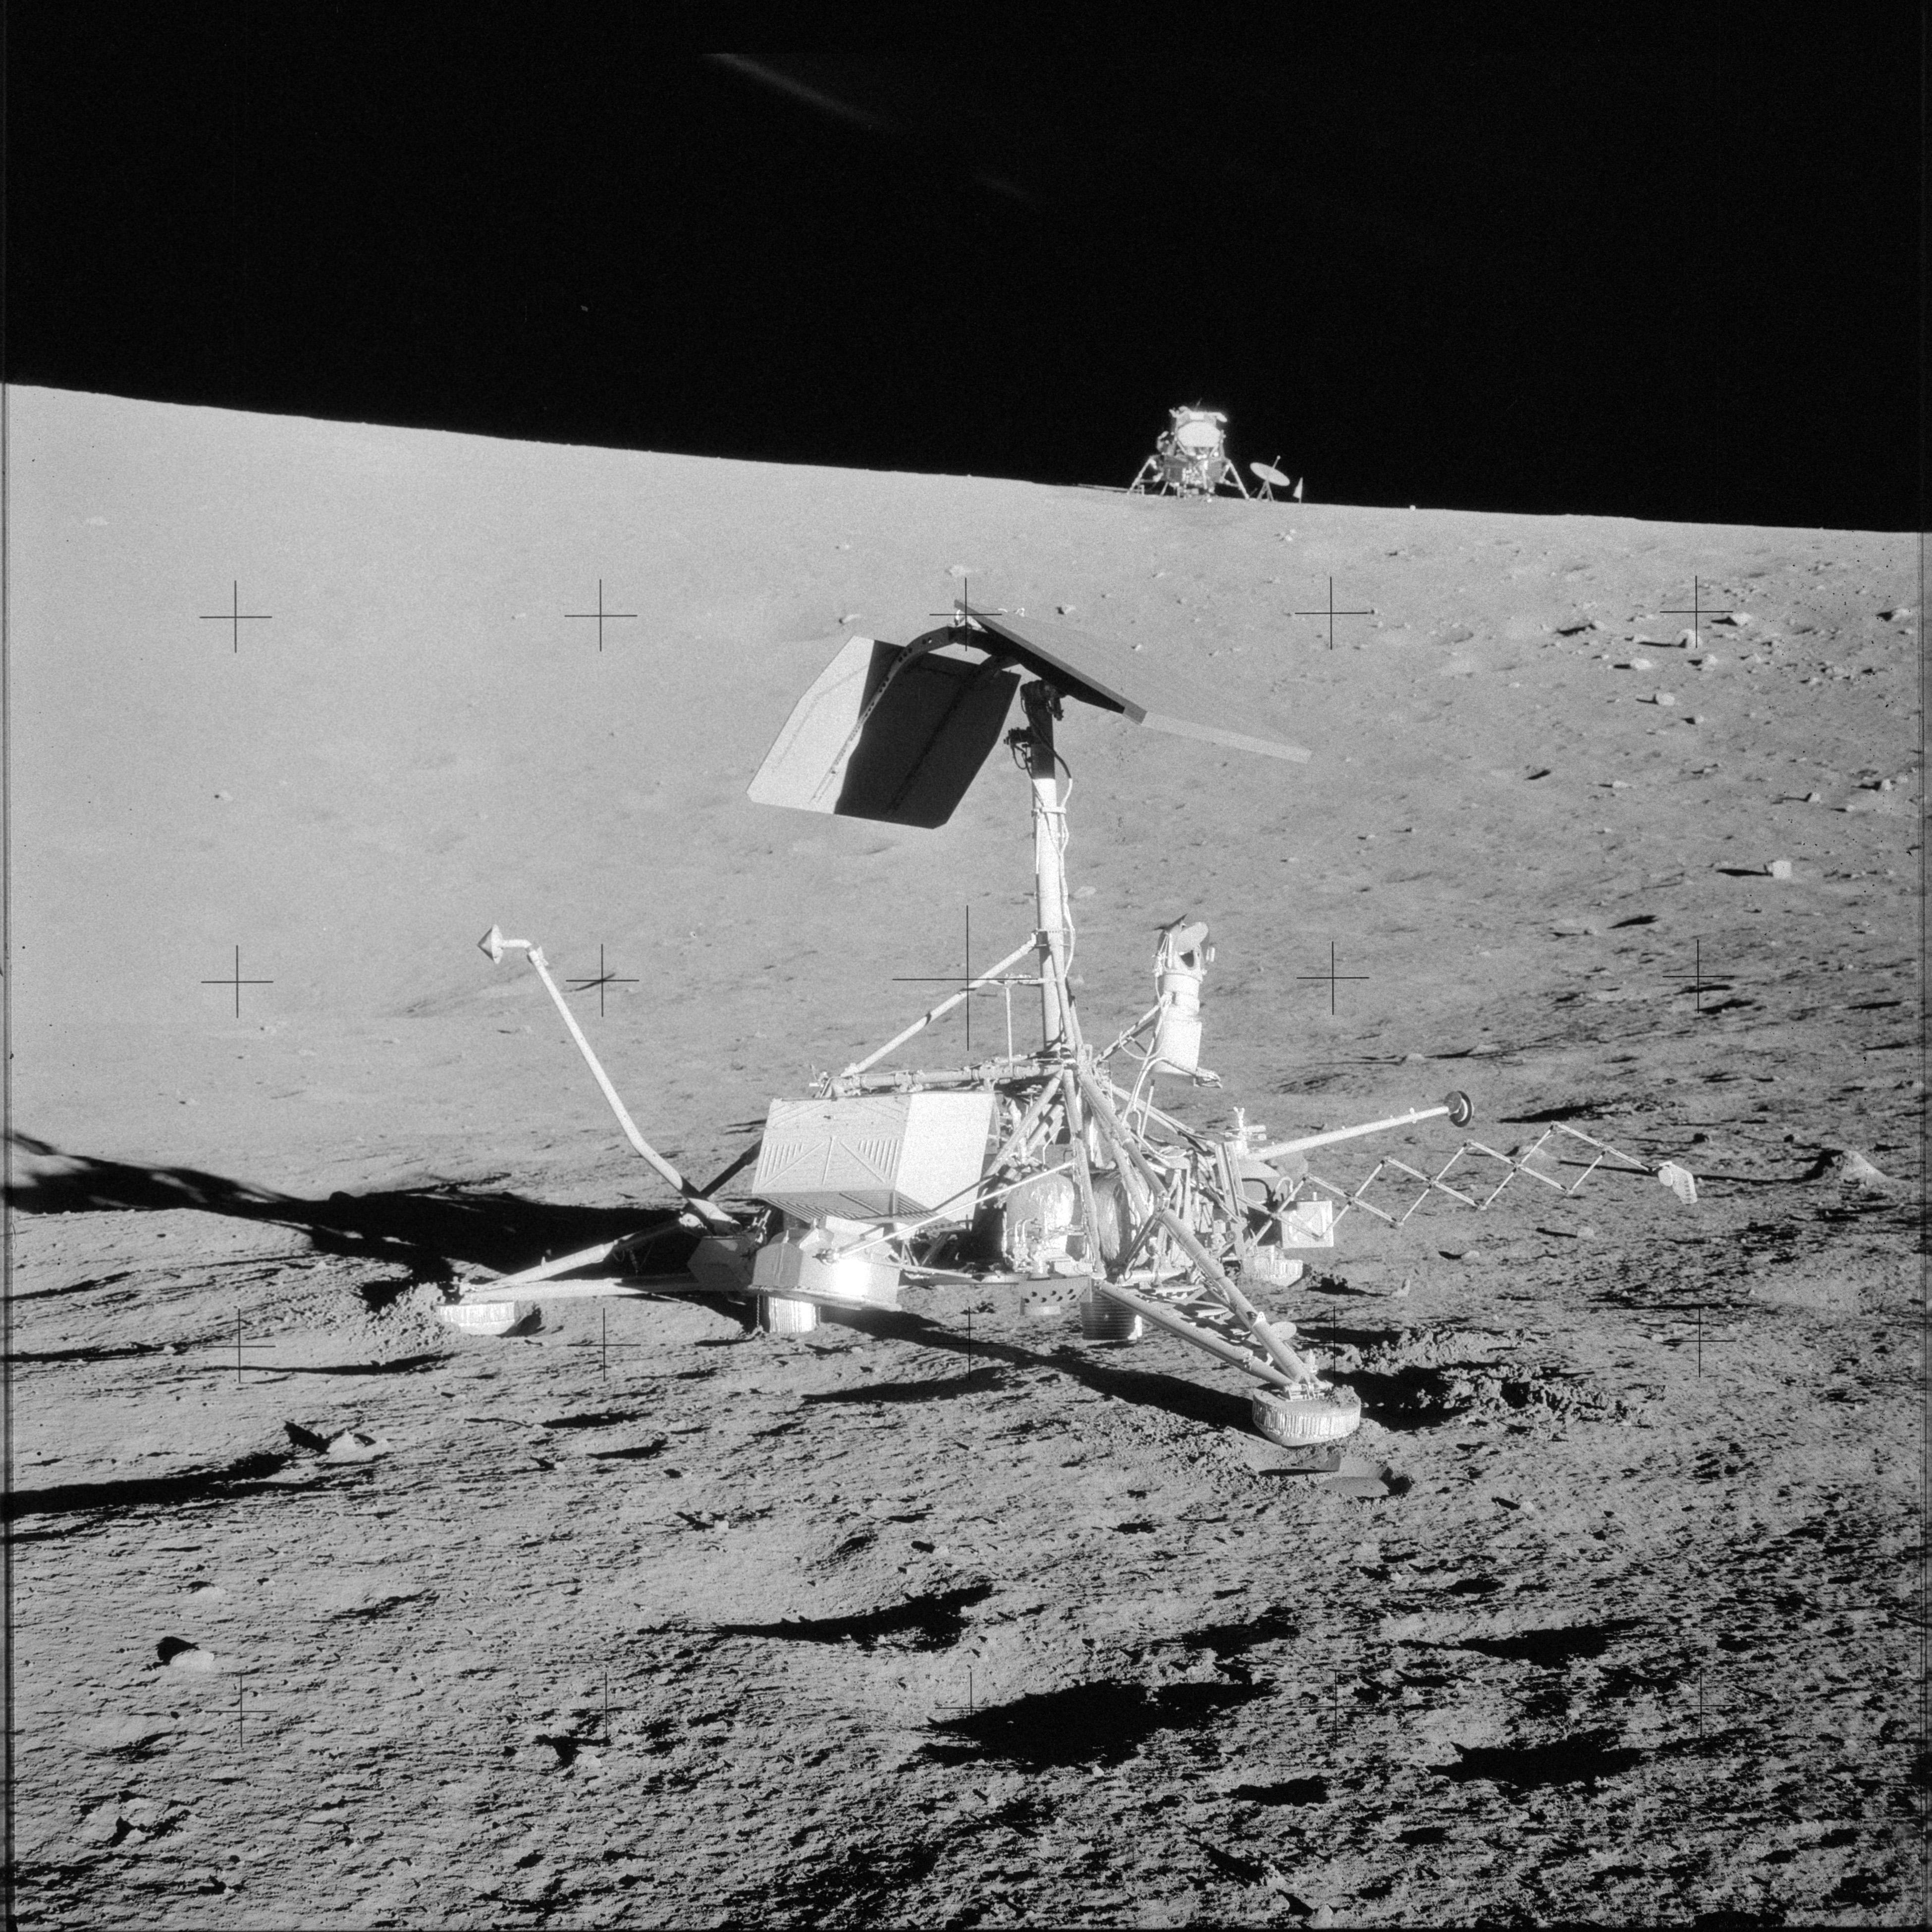 линии японский спутник сделал фото лунных миссий уже взрослый